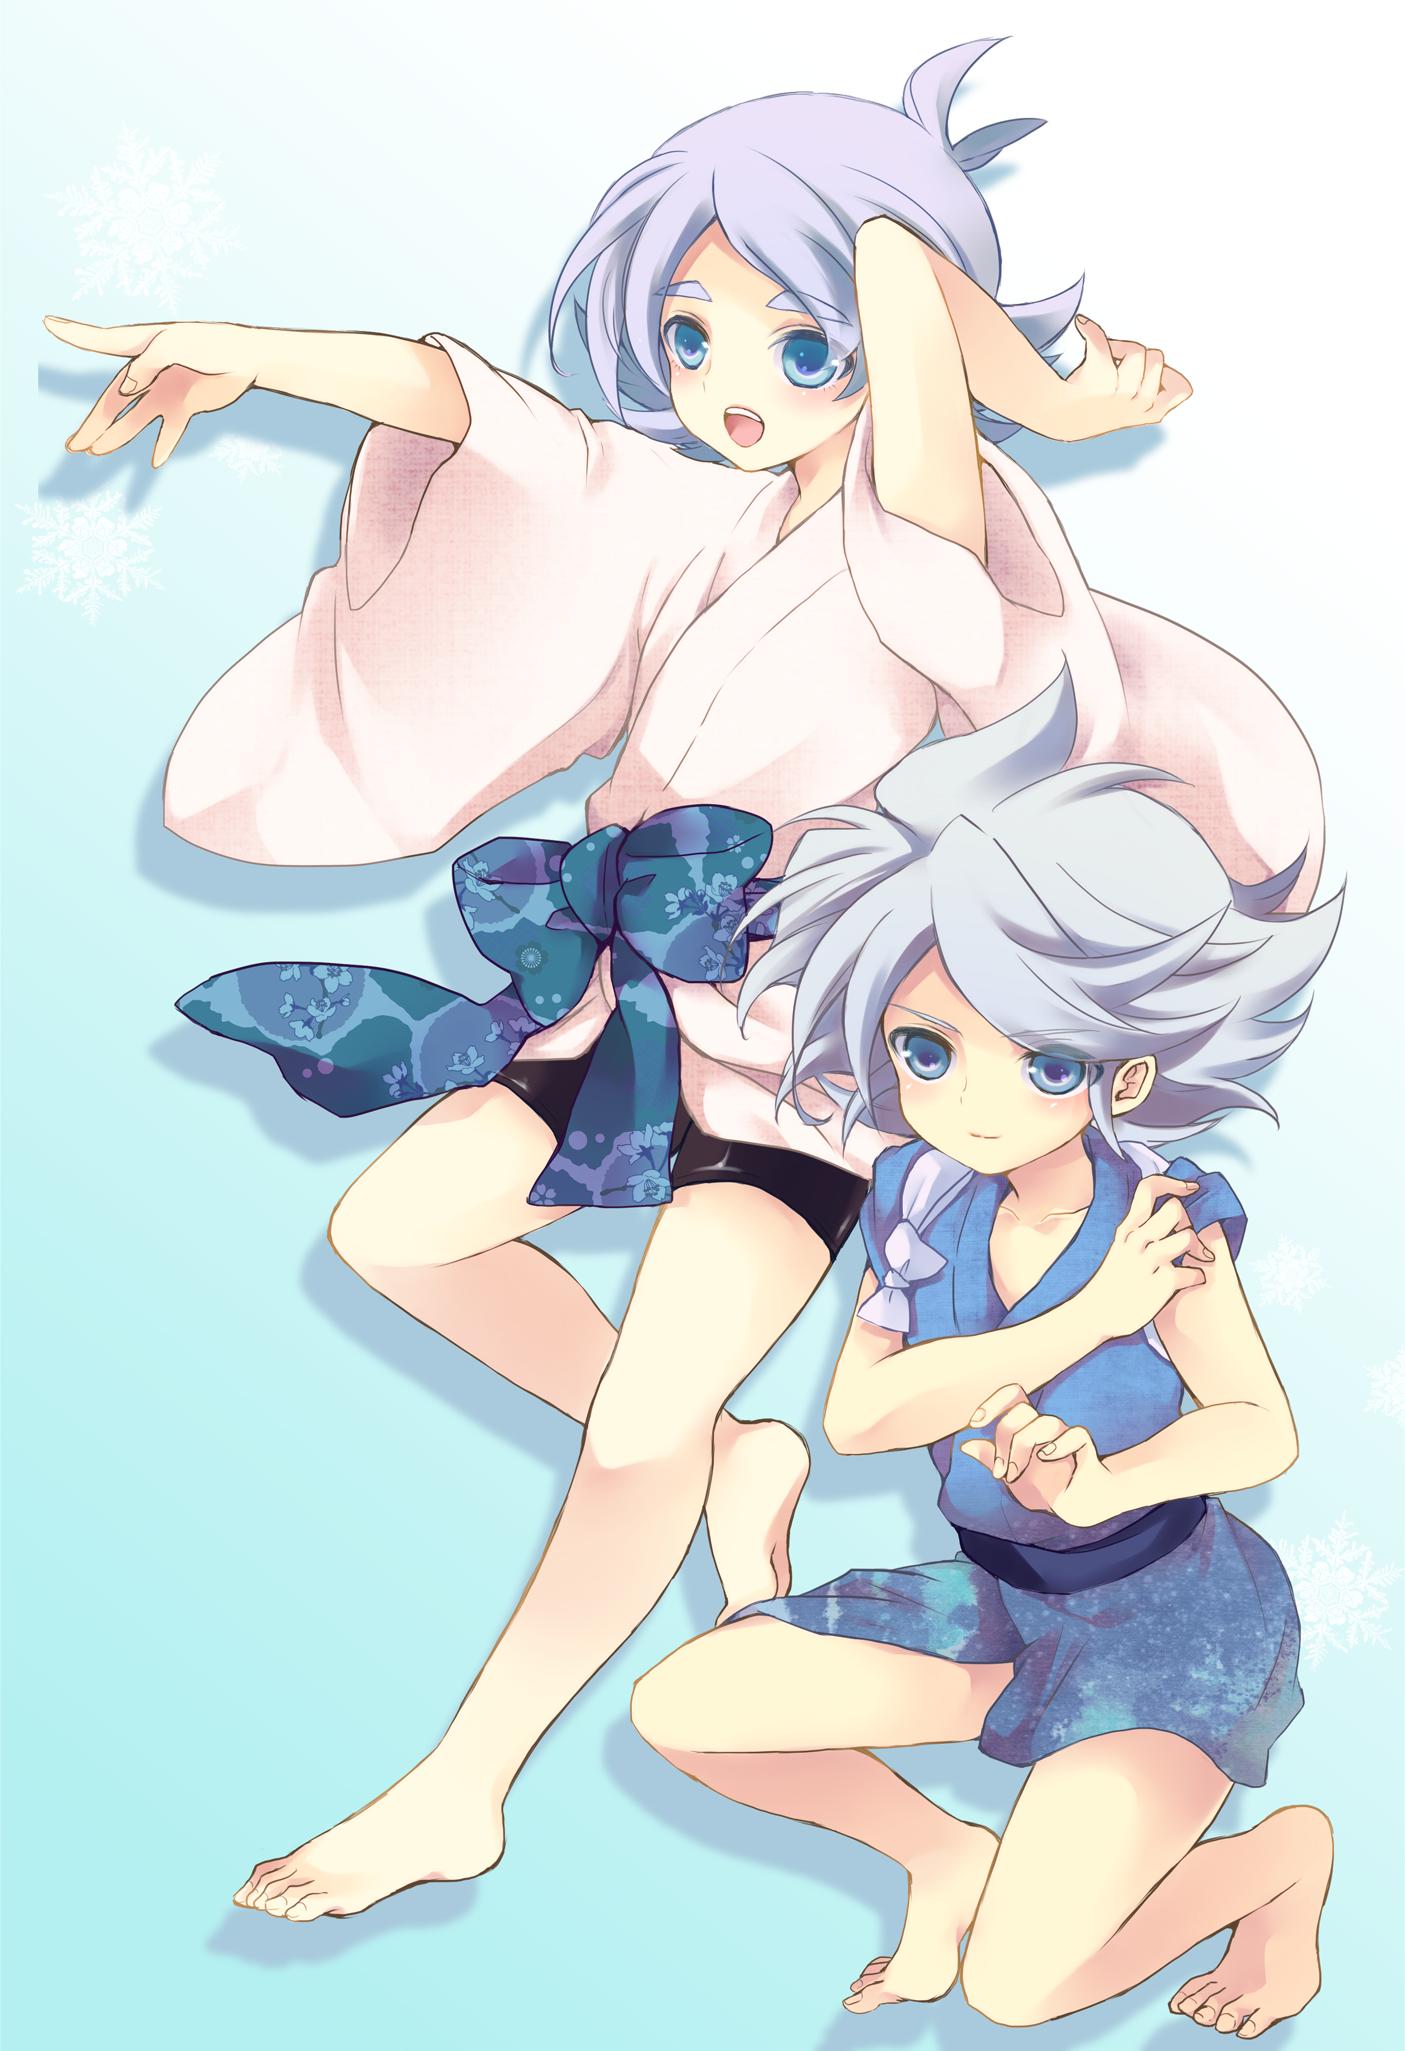 Ice bayi